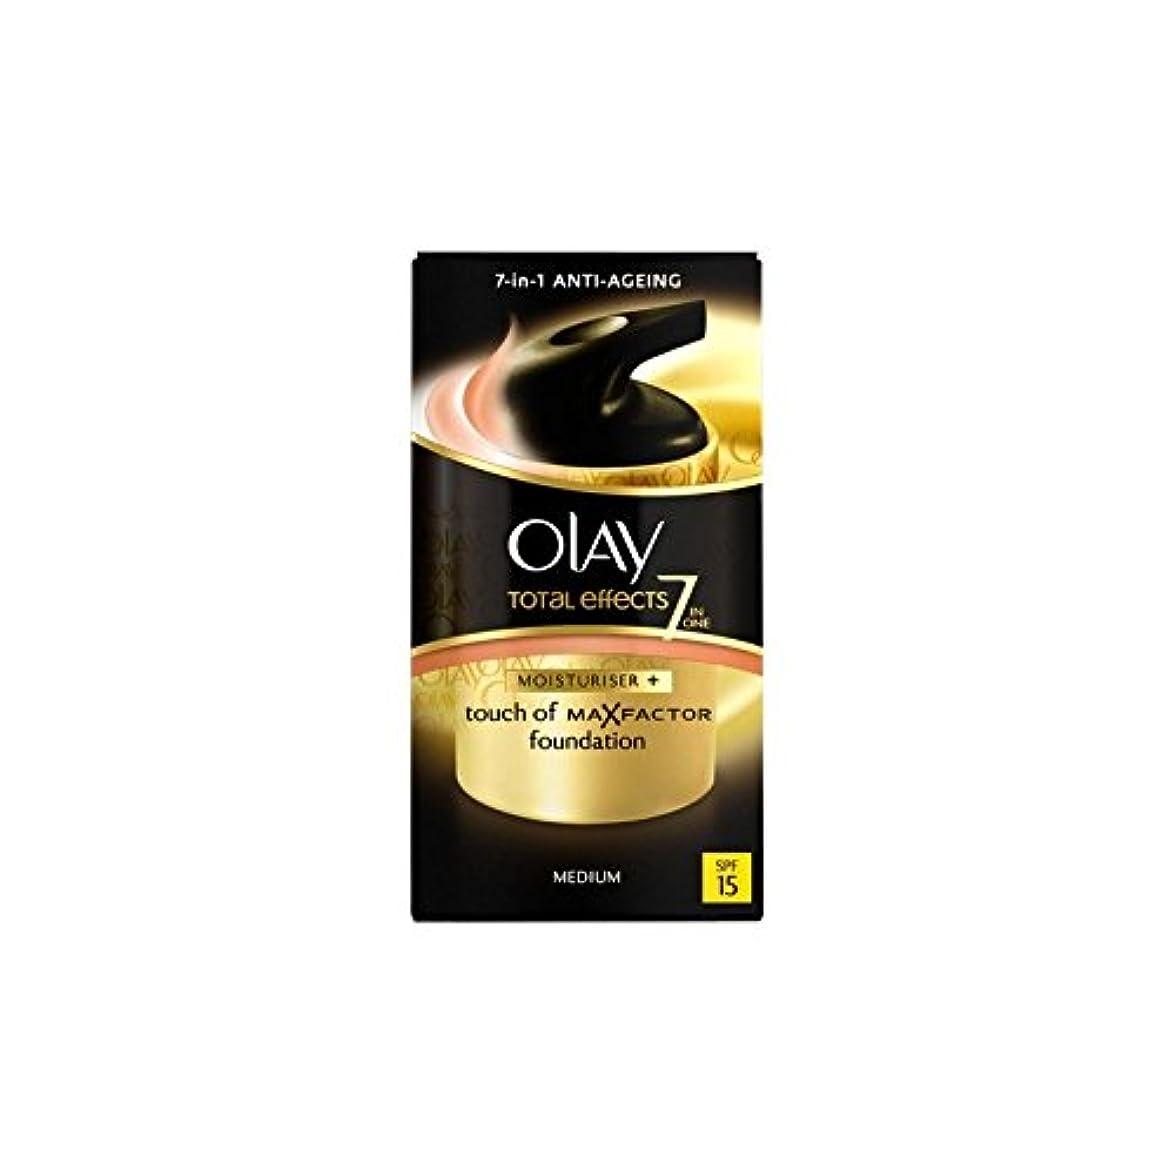 好み緯度我慢するOlay Total Effects Moisturiser Bb Cream Spf15 - Medium (50ml) (Pack of 6) - オーレイトータルエフェクト保湿クリーム15 - 培地(50ミリリットル...